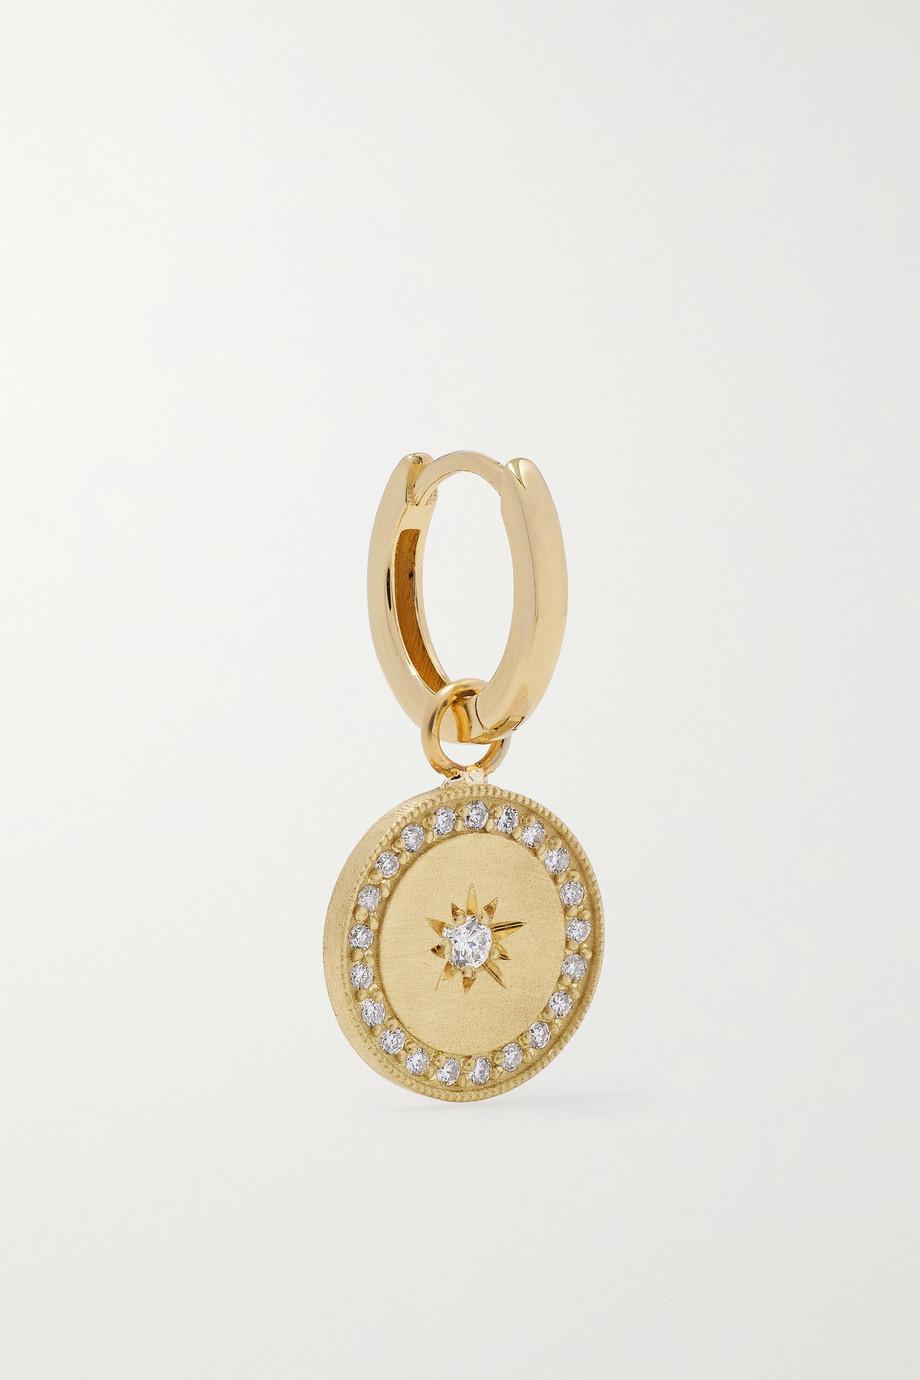 Andrea Fohrman Boucle d'oreille unique en or 18carats (750/1000) et diamants